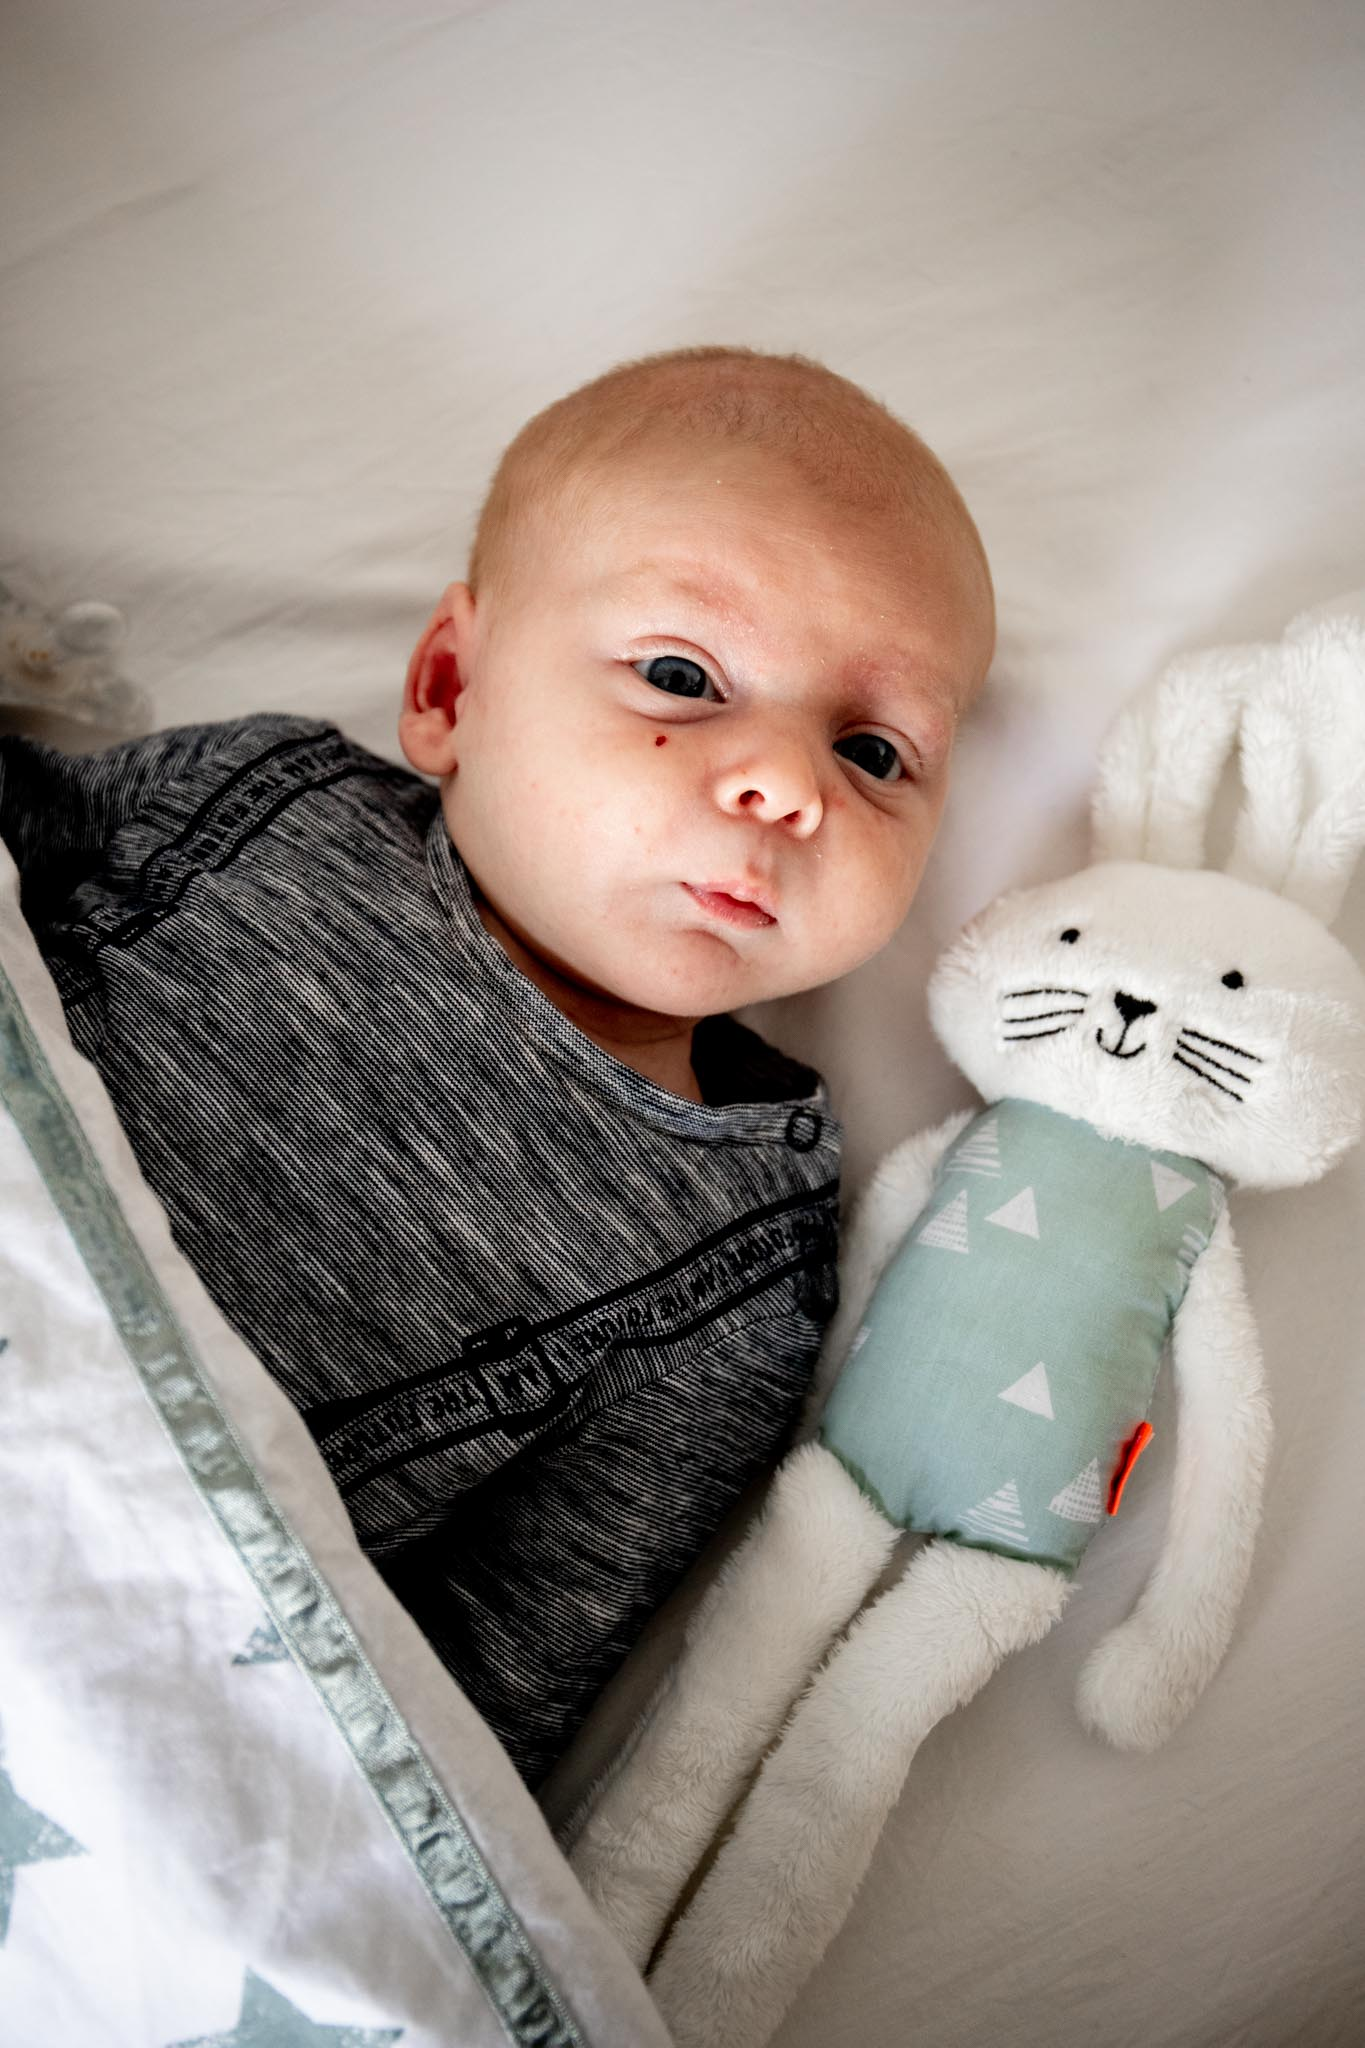 Newbornshoot, lifestyle newbornshoot, newbornfotografie